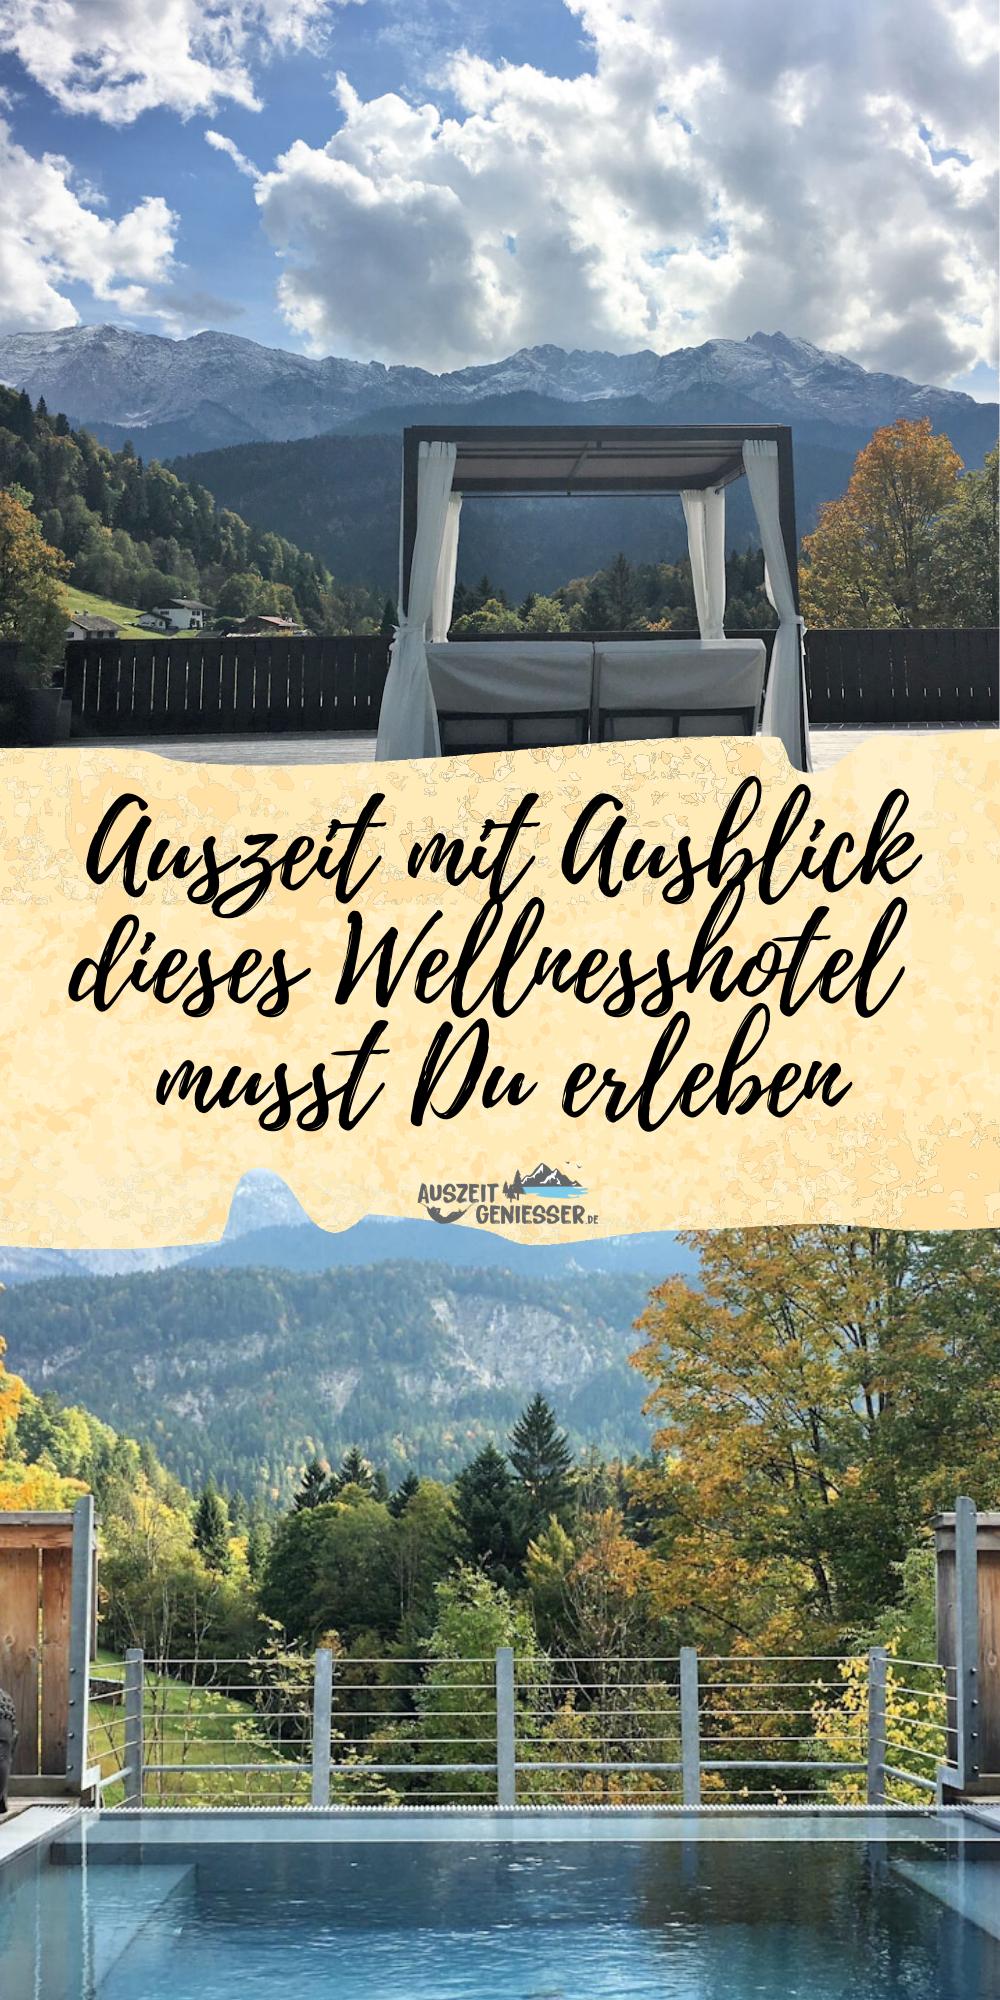 My Mountain Hideaway Fur Wellness Und Gesundheit Mit Ausblick Im Das Graseck Urlaub Bayern Urlaub Urlaub In Deutschland